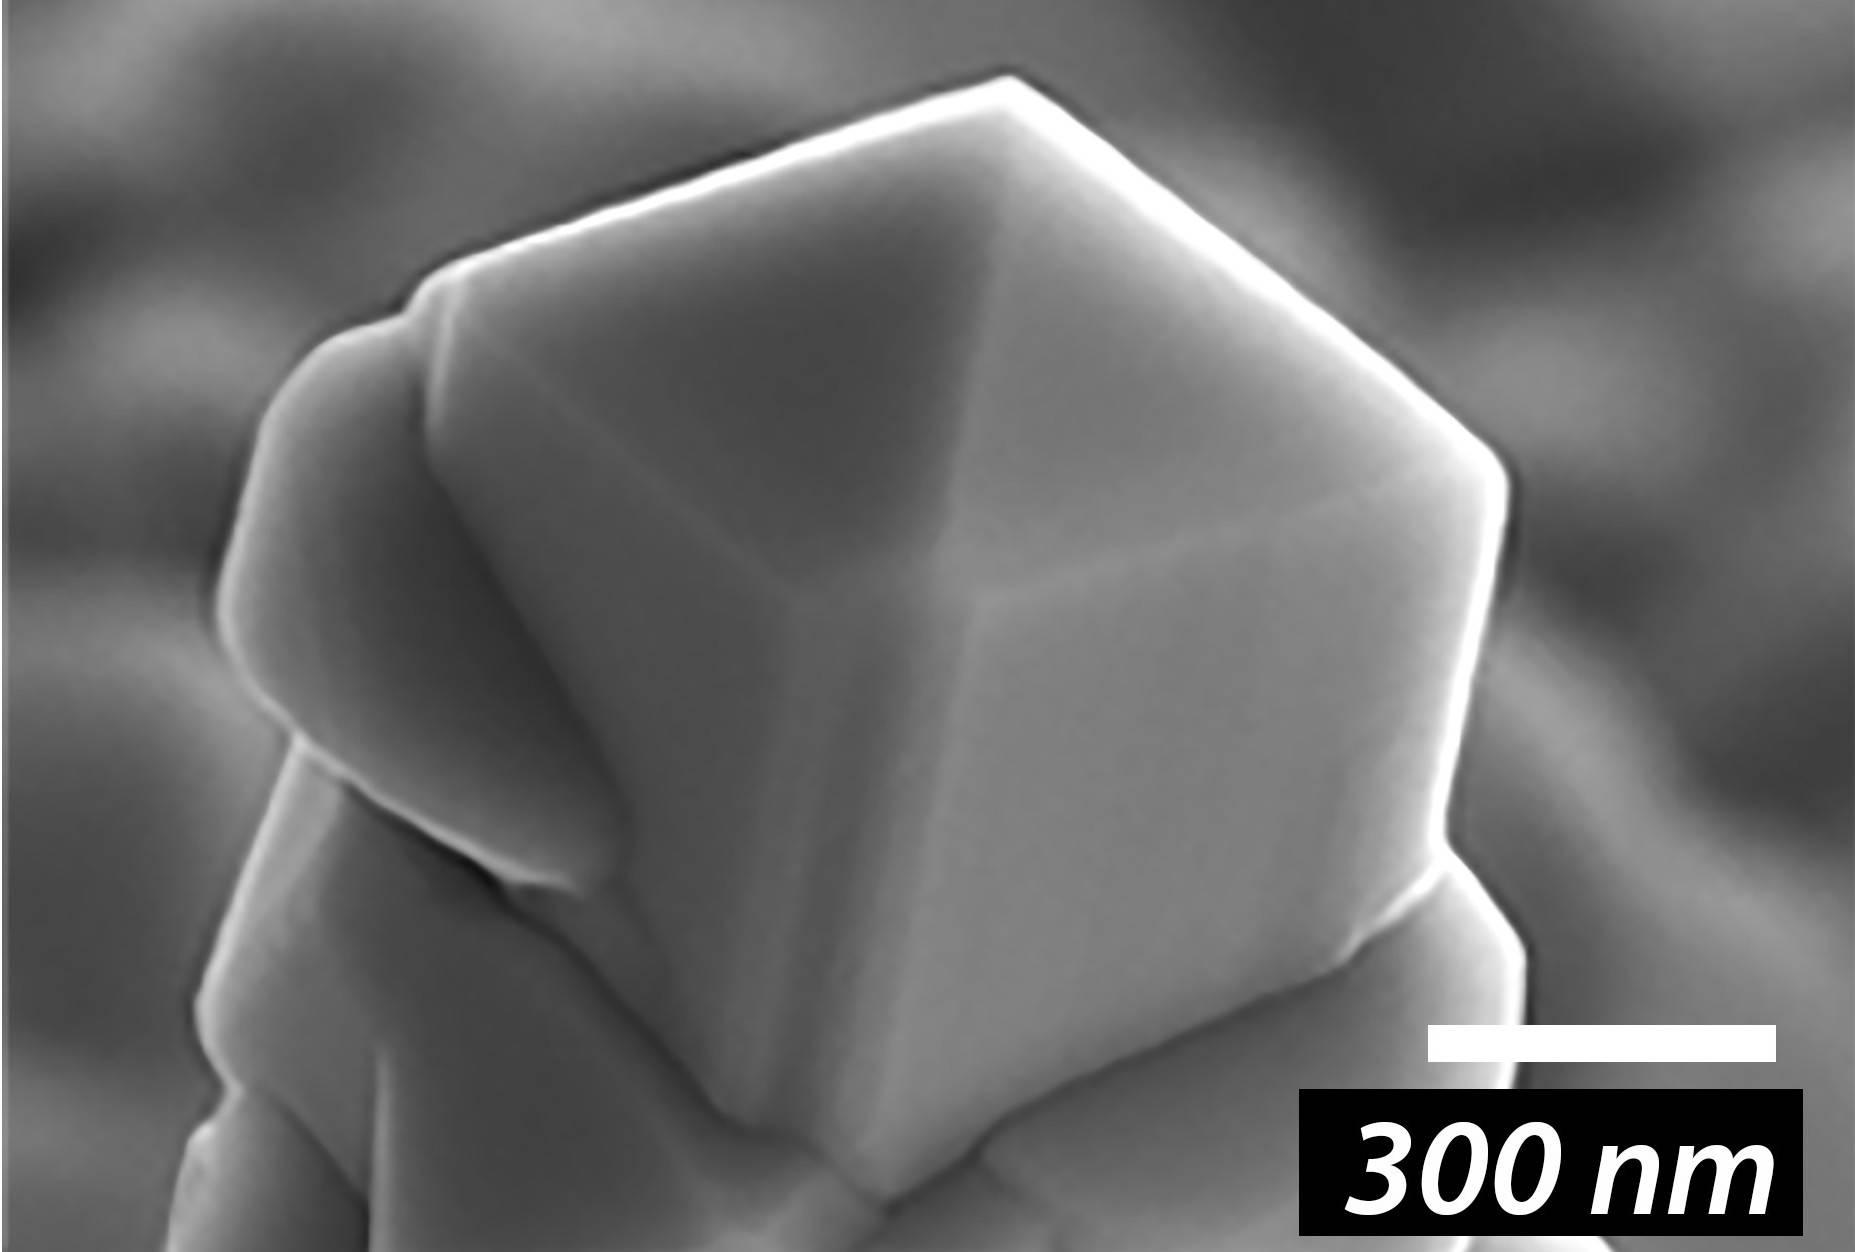 Изображение кремниевой иглы (электронный микроскоп) после синтеза диоксида ванадия. Кремниевая игла с наращённым на ее вершину нанокристаллом диоксида ванадия.Victor Ya. Prinz et.al./Nanoscale, 2020.